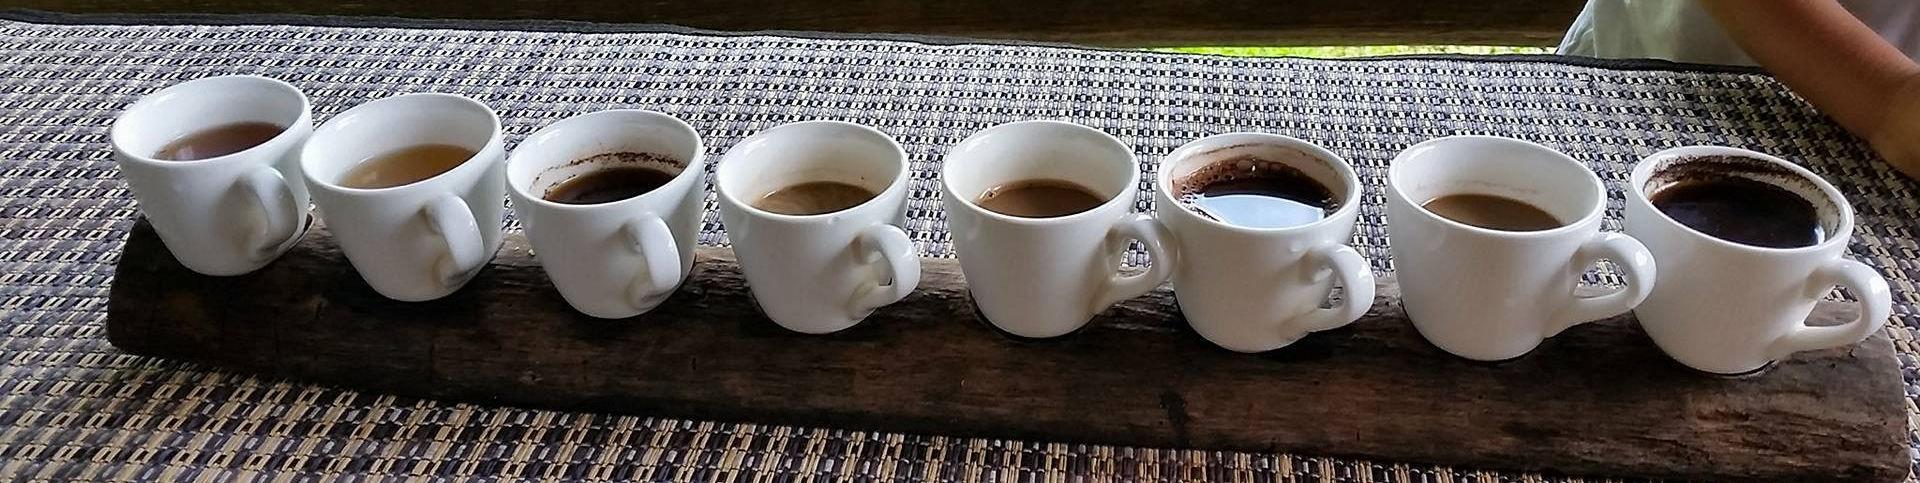 kaffee von katzen